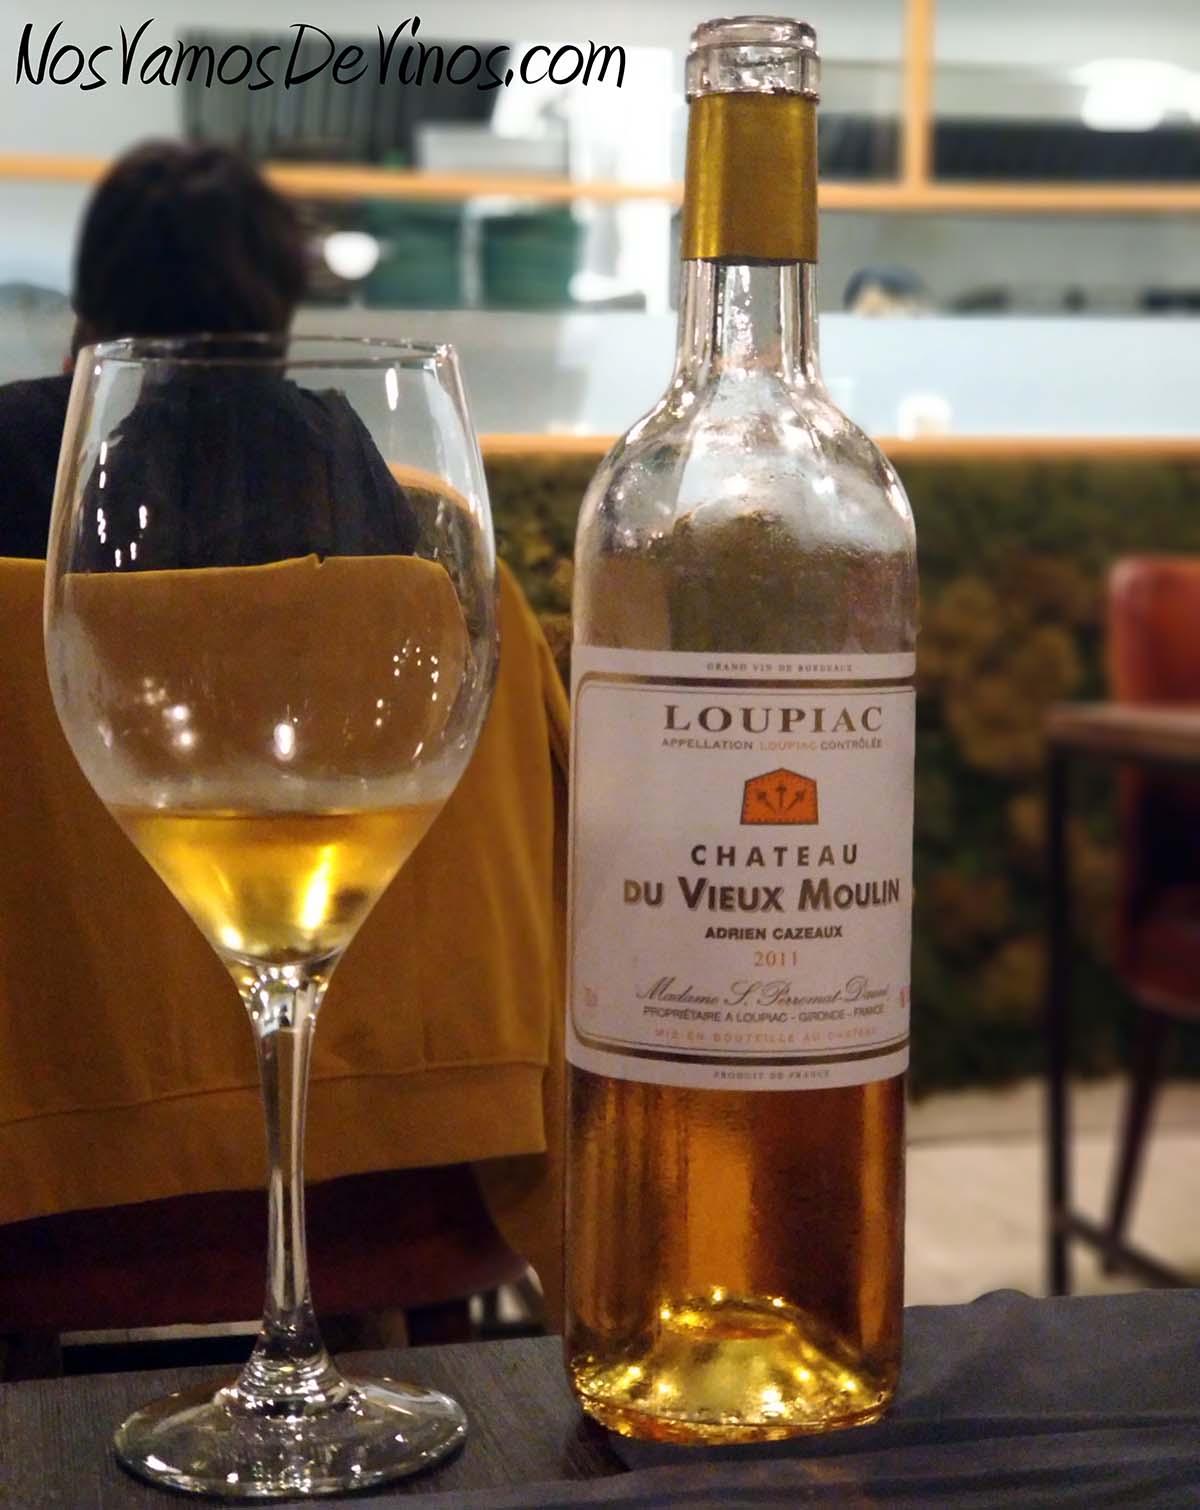 Chateau Du Vieux Moulin Loupiac 2011